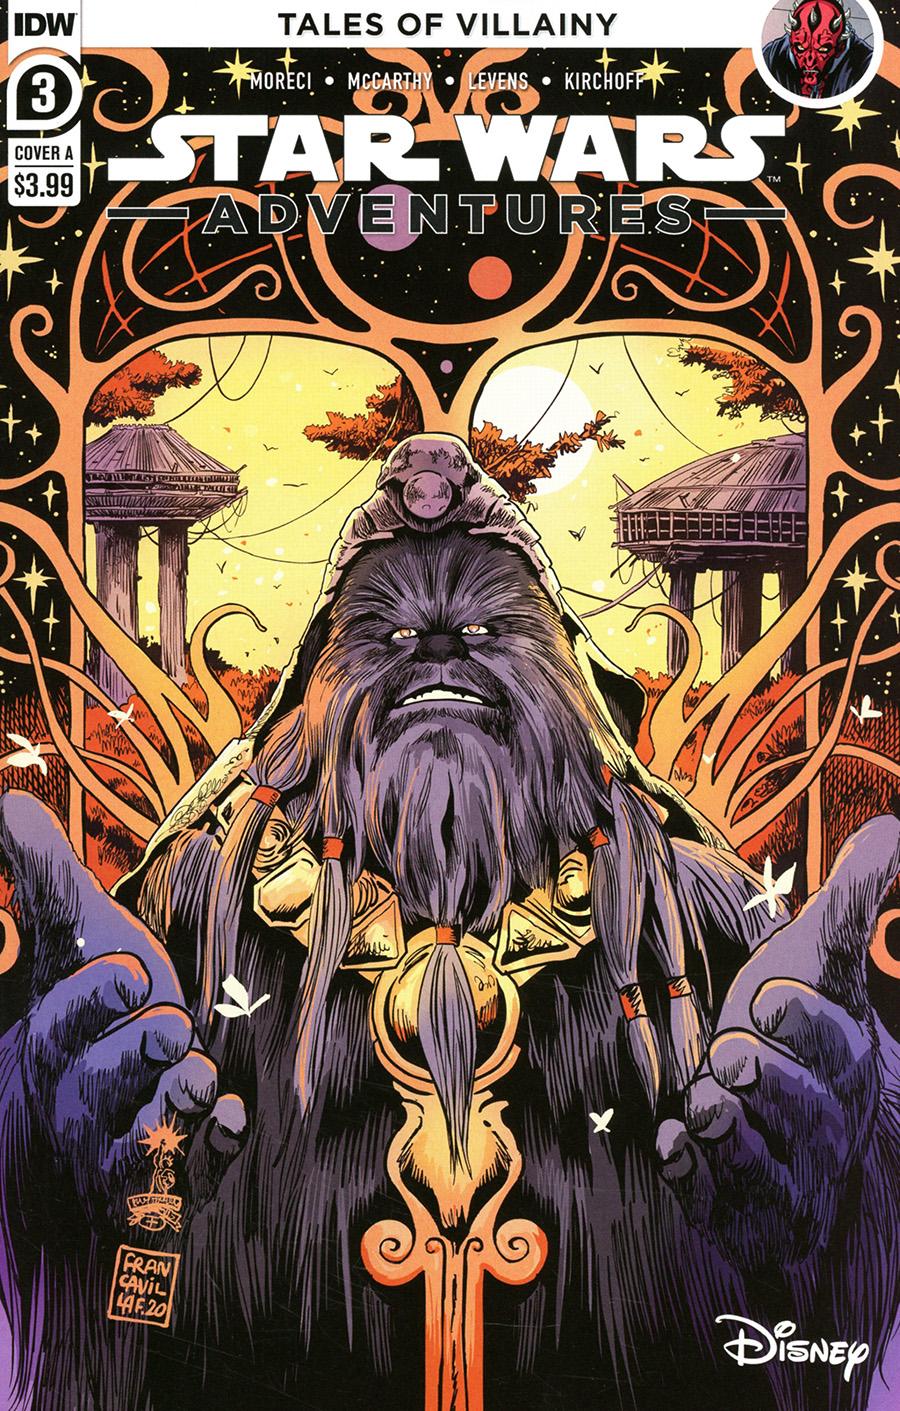 Star Wars Adventures Vol 2 #3 Cover A Regular Francesco Francavilla Cover